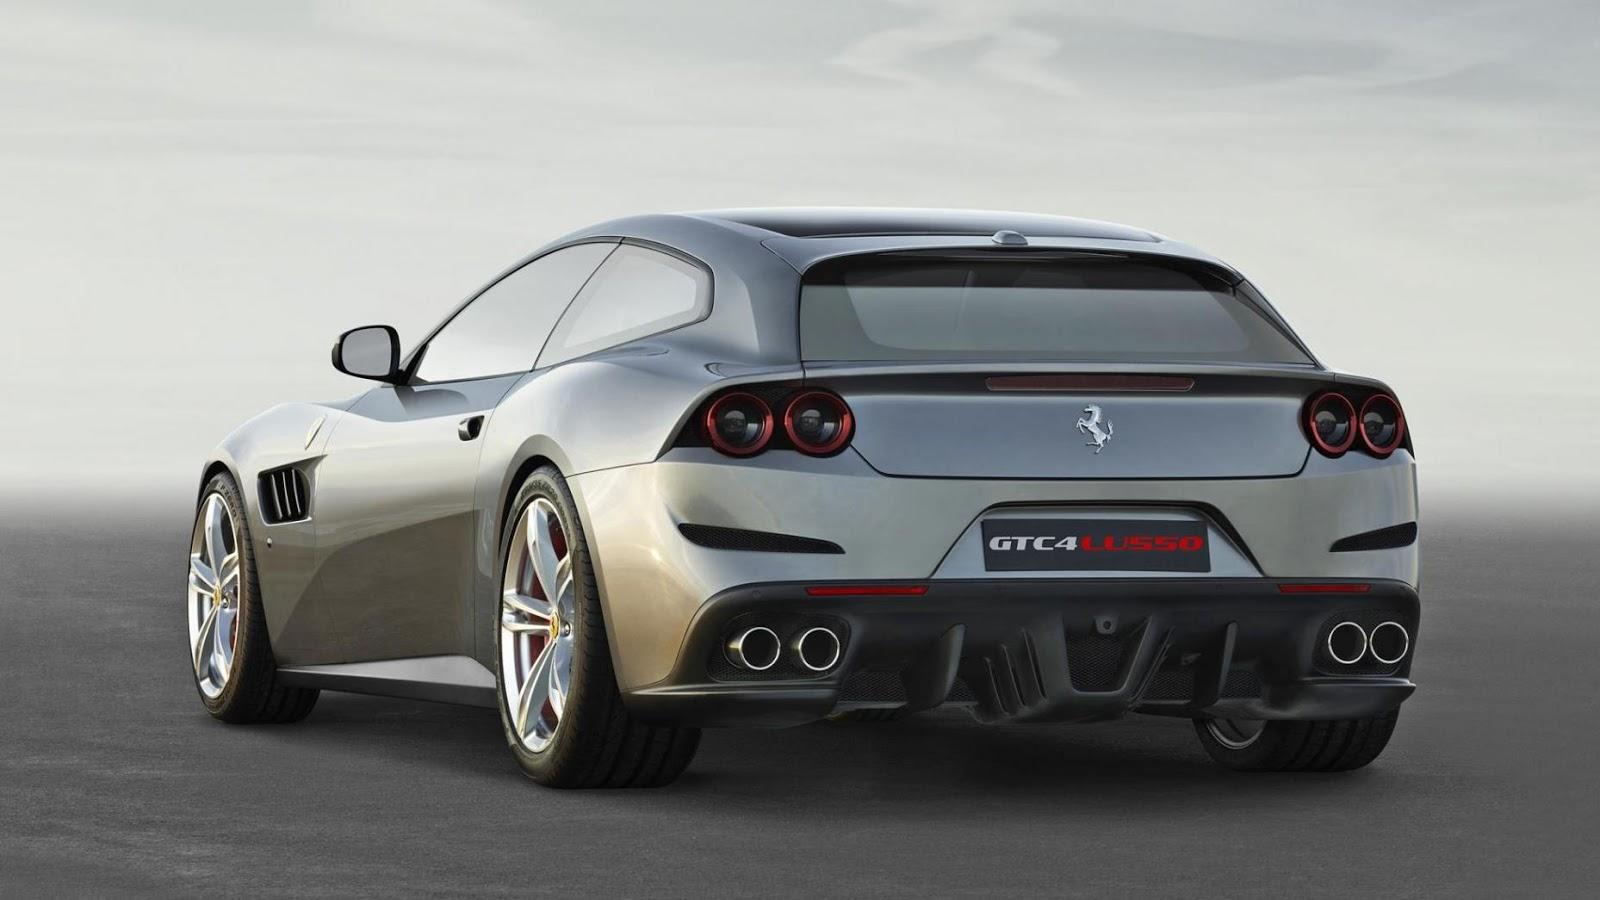 Ferrari GTC4Lusso - tăng tốc từ 0 - 100 km/h trong 3.4secs